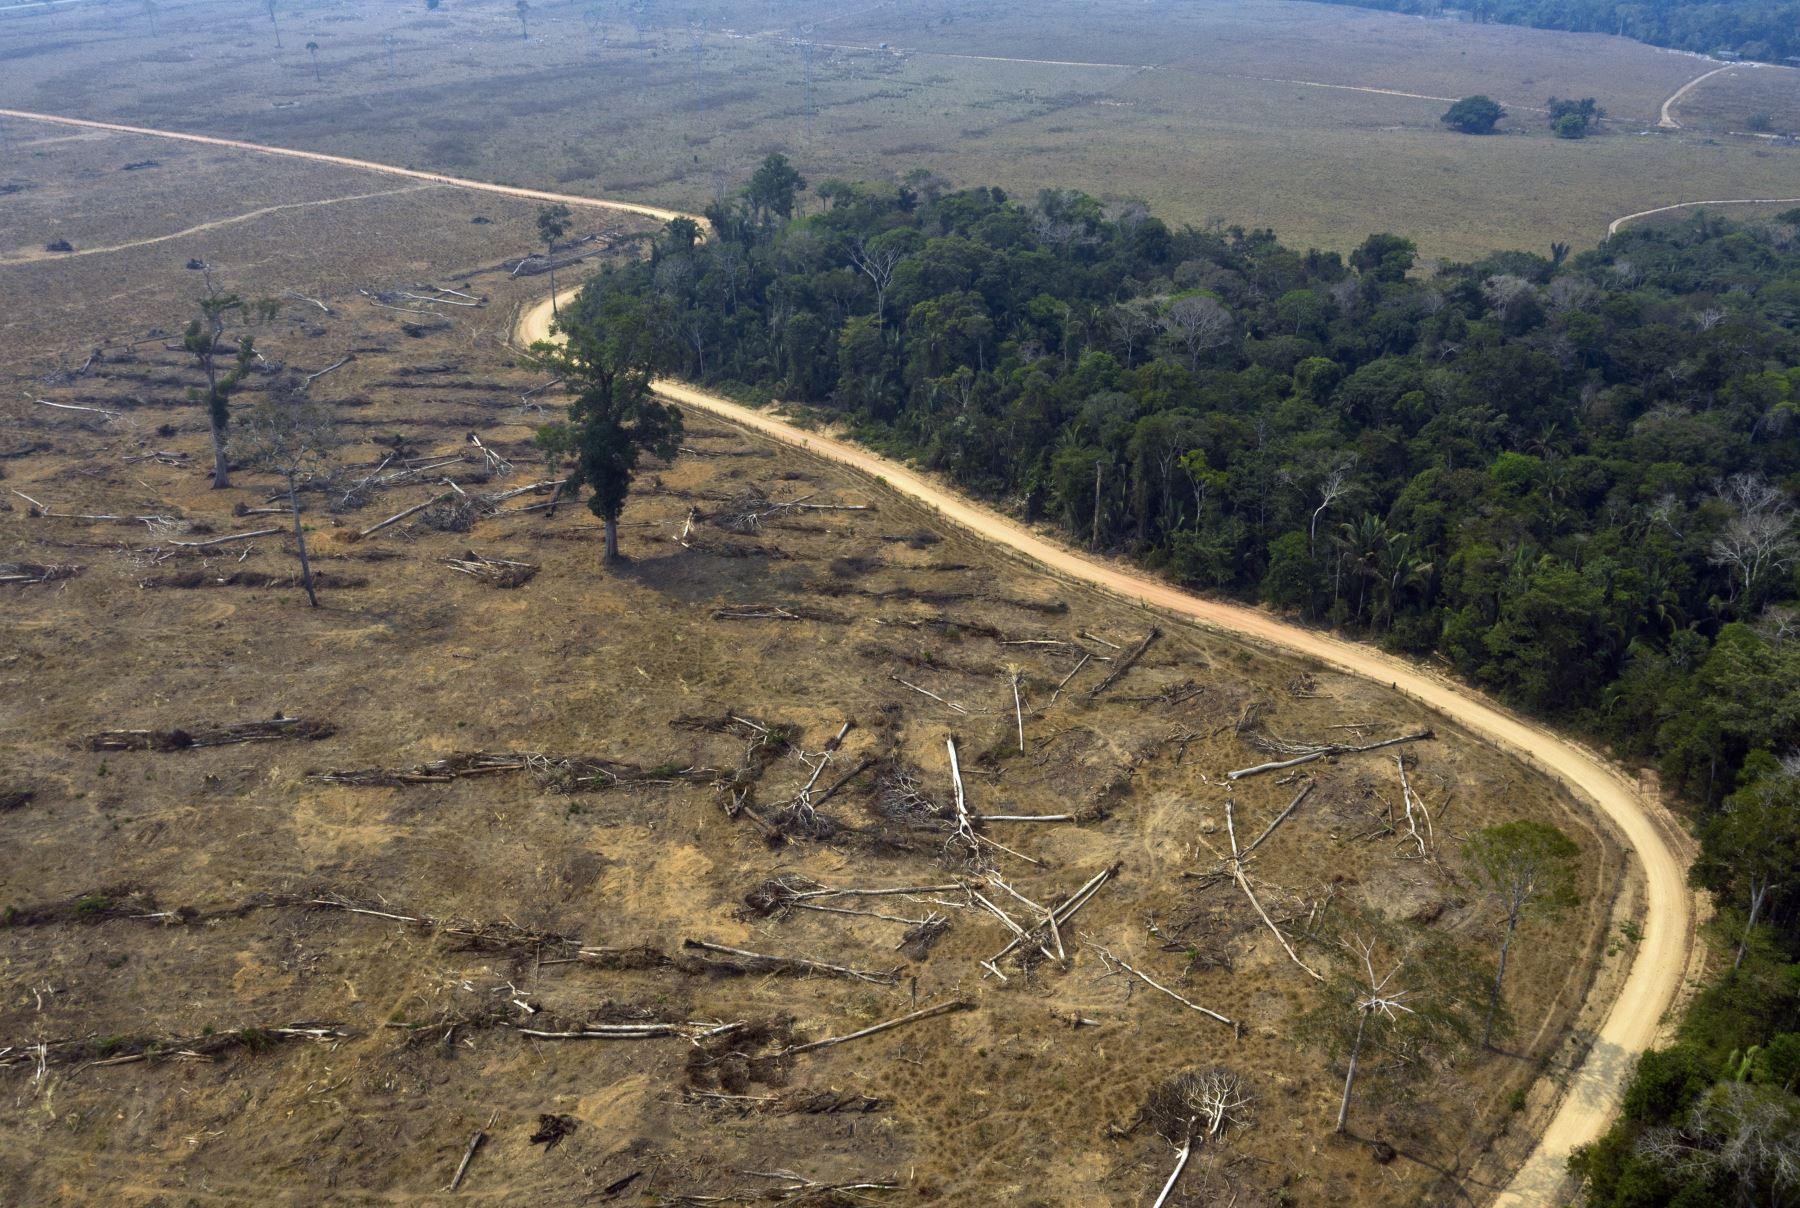 Desde que Bolsonaro asumió el poder en 2019 se ha registrado un repunte de la deforestación en la mayor selva tropical de mundo. Foto: AFP